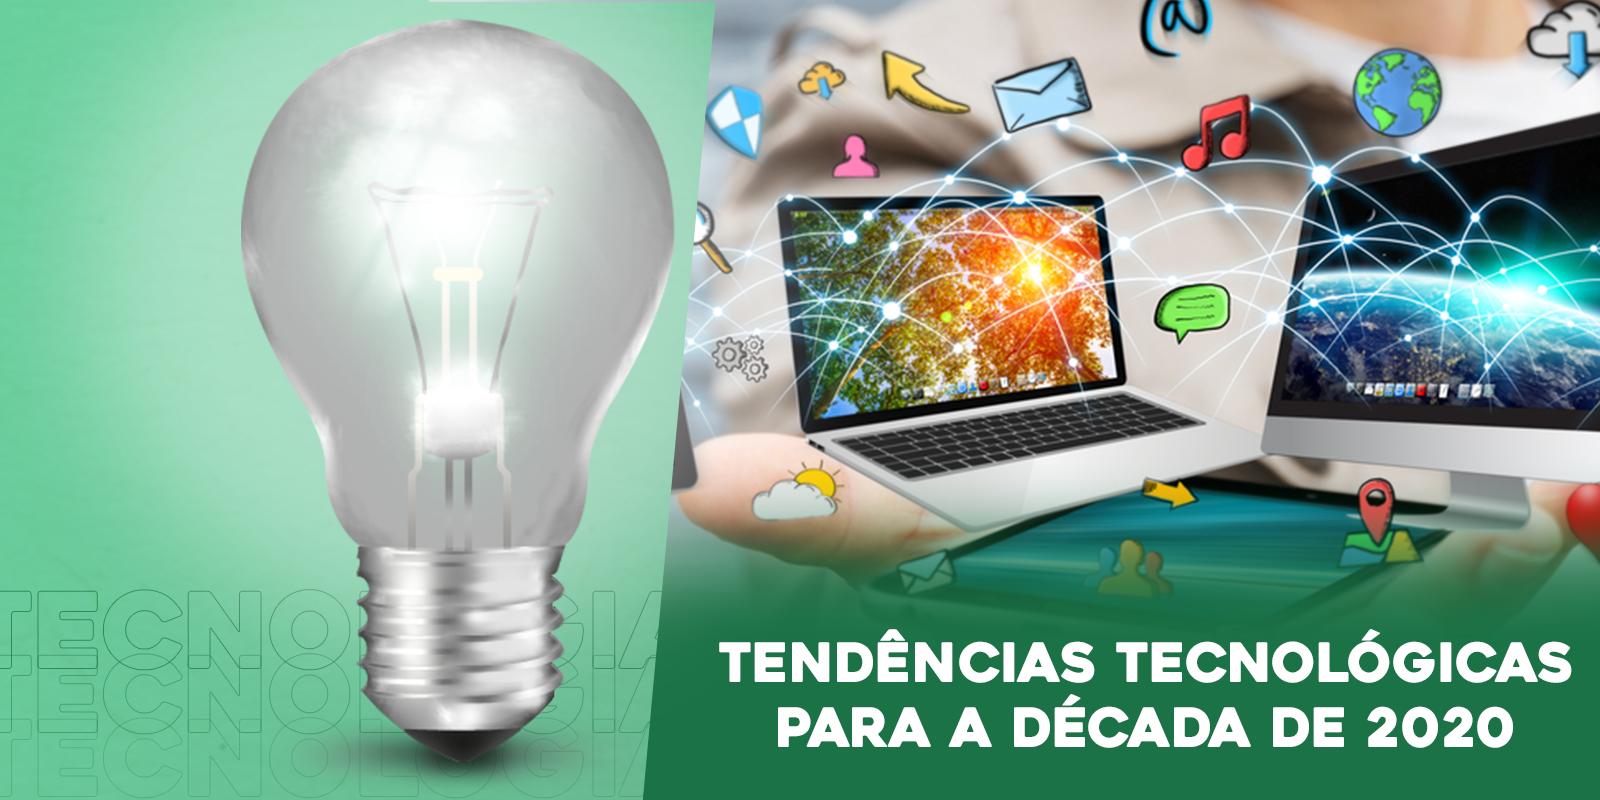 Oito tendências tecnológicas para a década de 2020